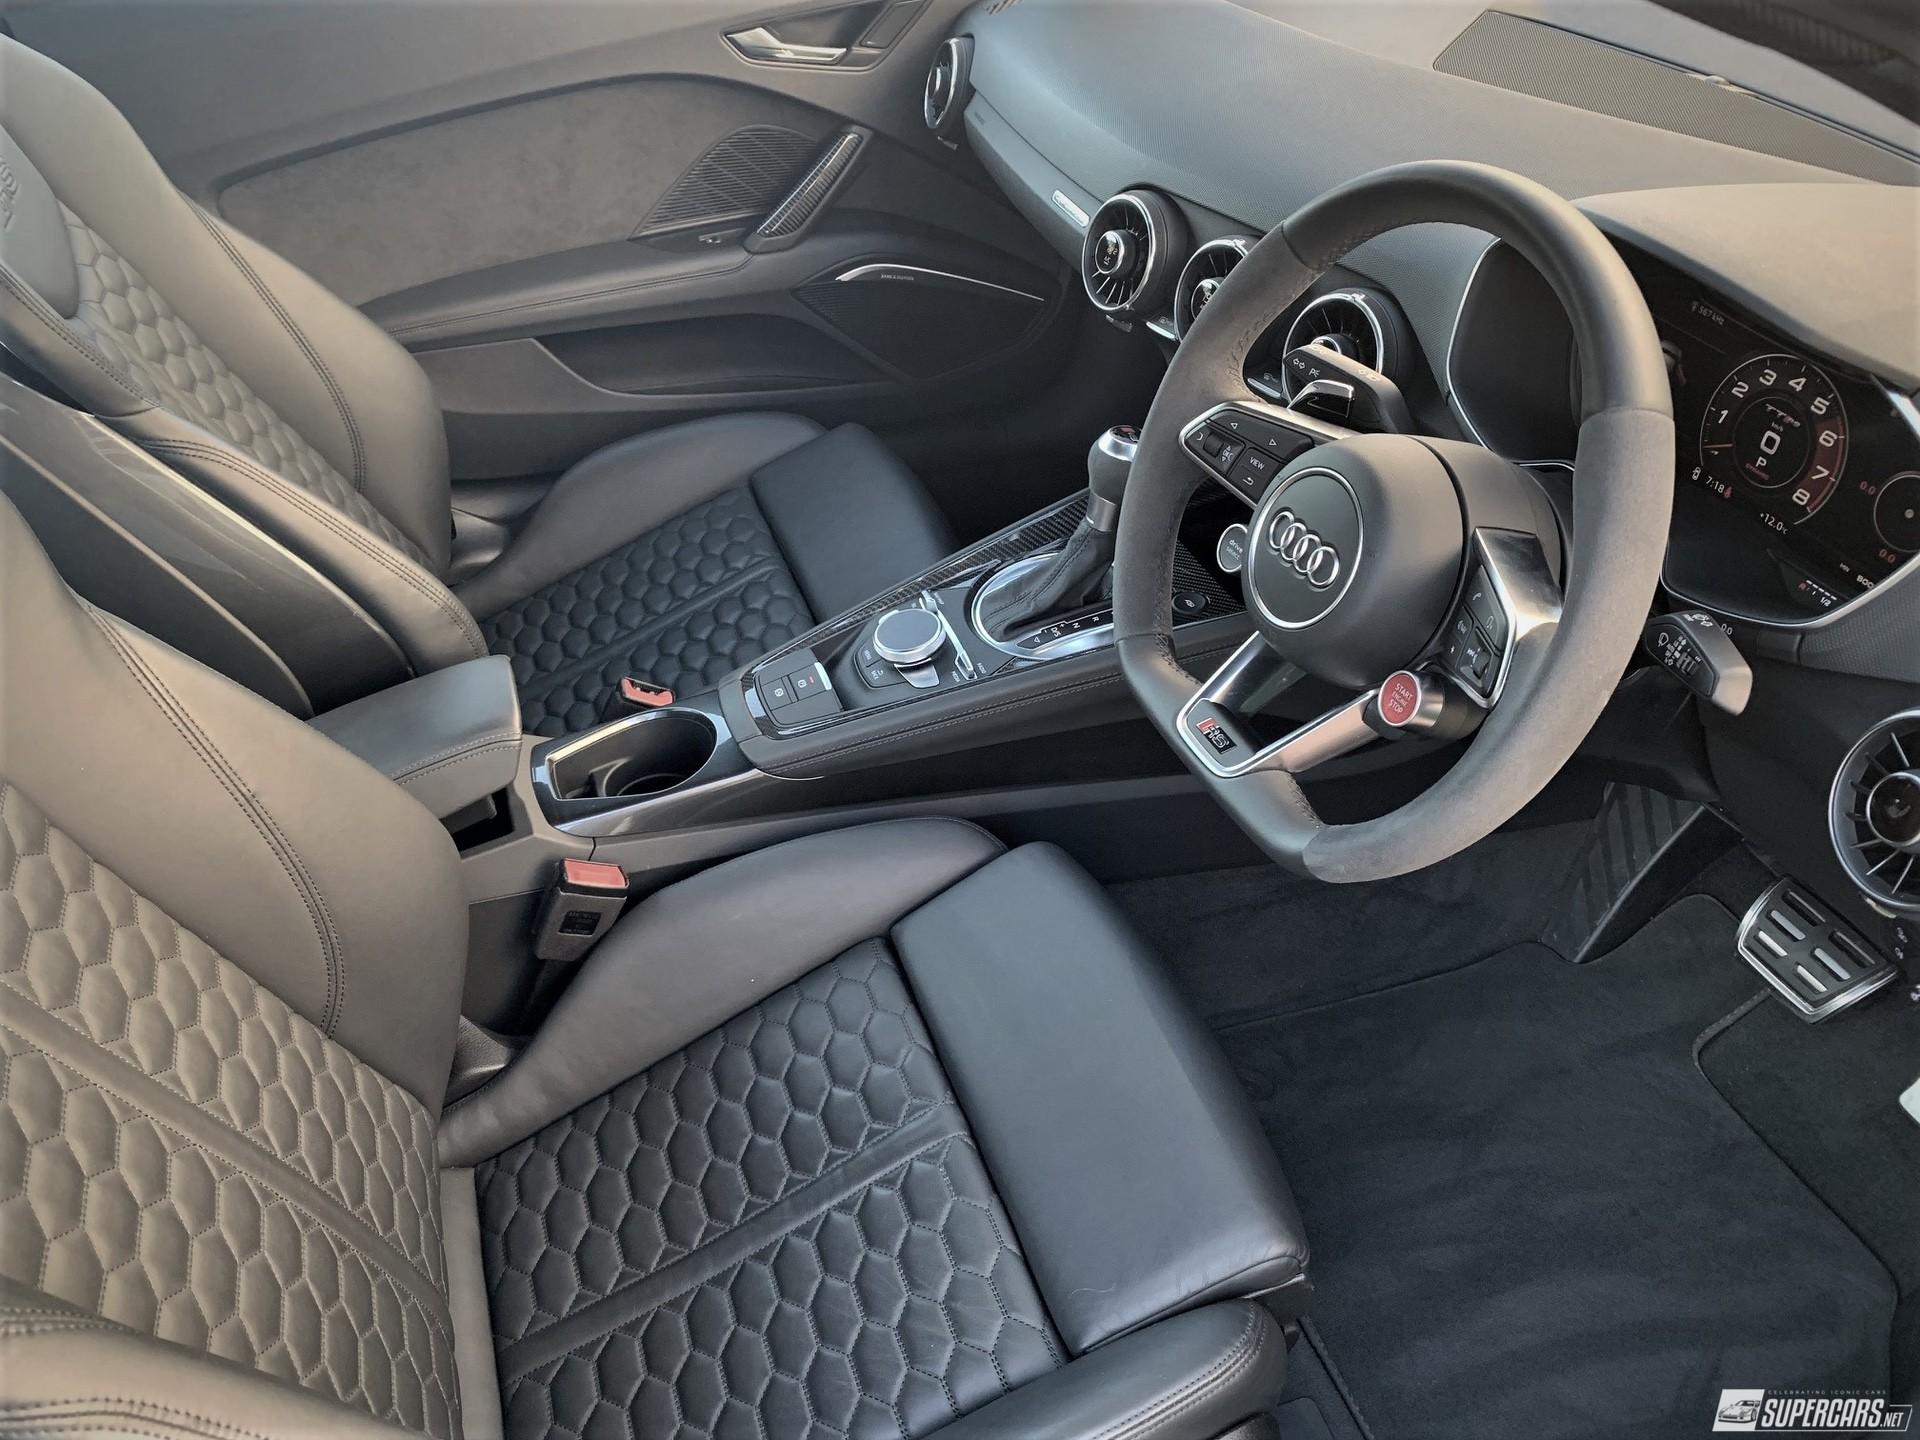 Cabin of 2022 Audi TT RS